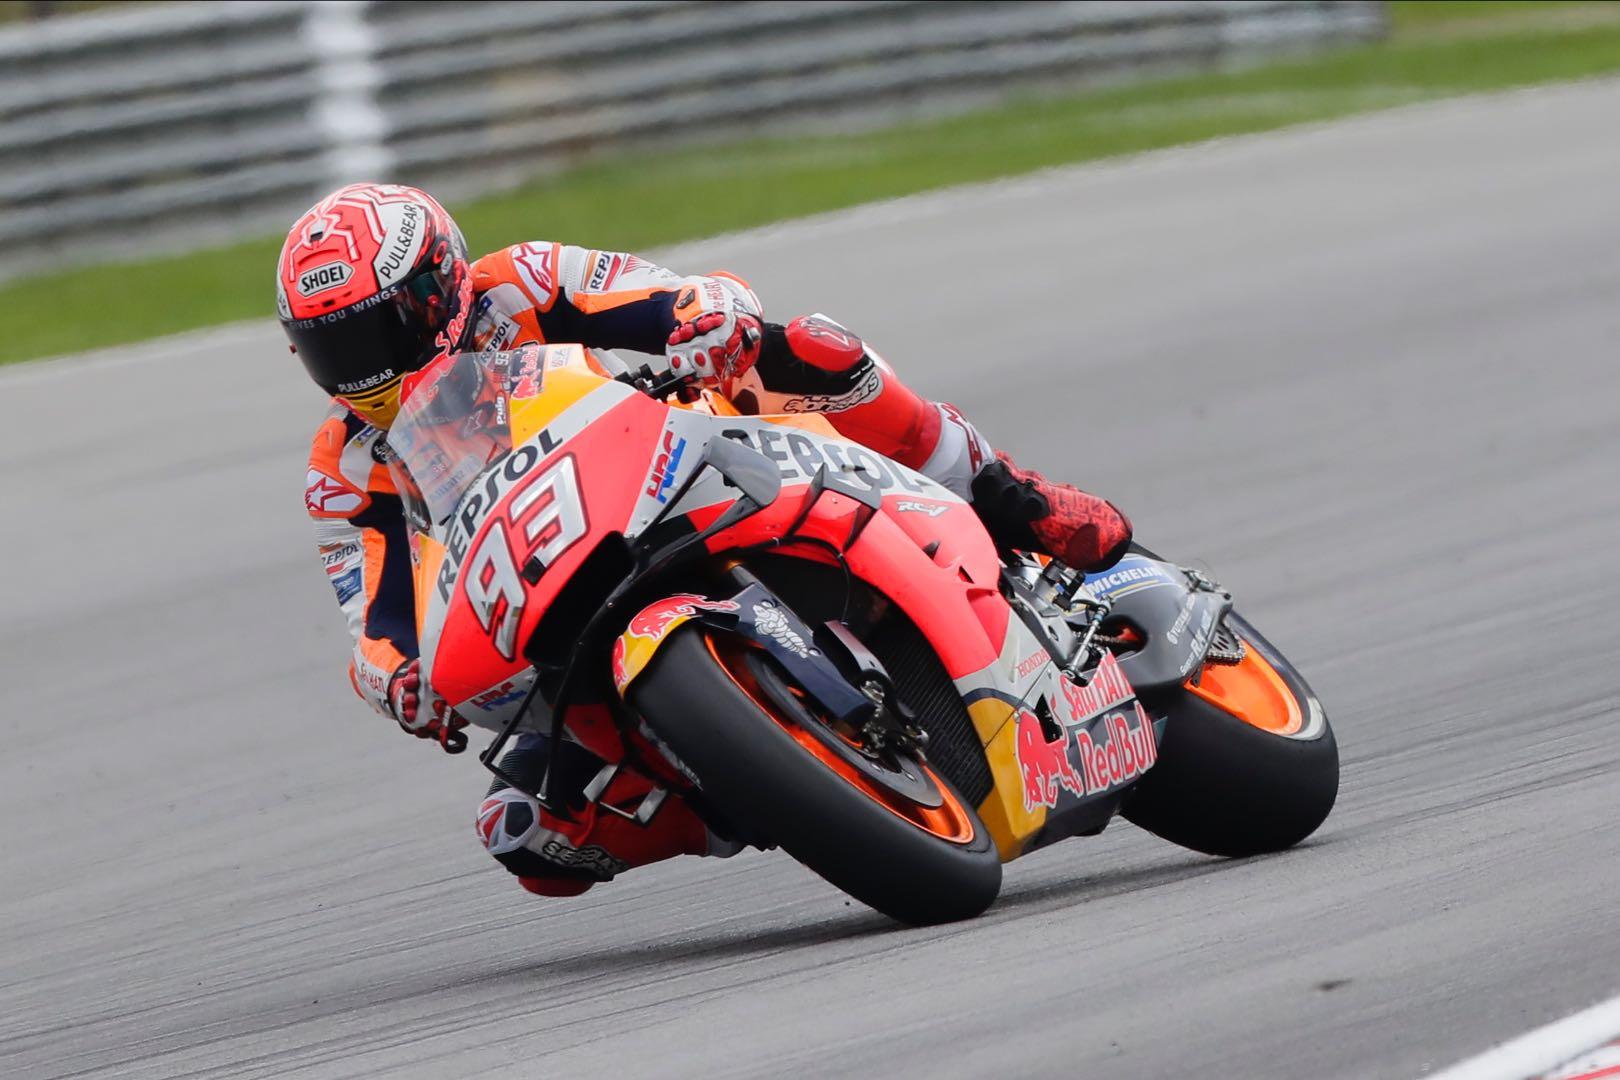 Marc Marquez at 2019 Sepang MotoGP second